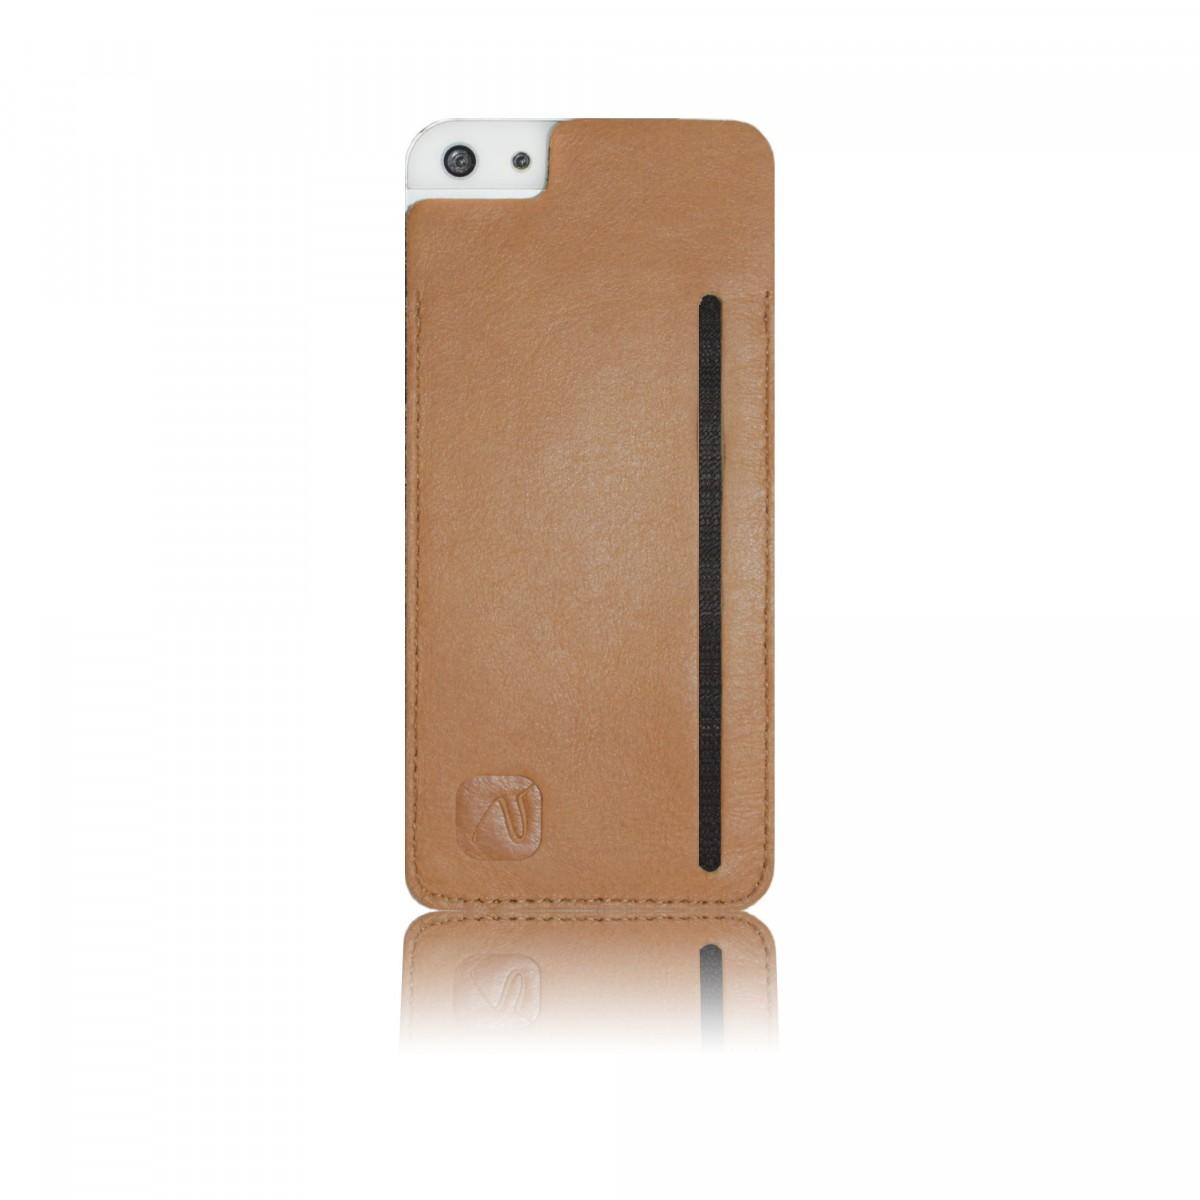 VANDEBAG iPhone tag'bag N°256 aus Leder